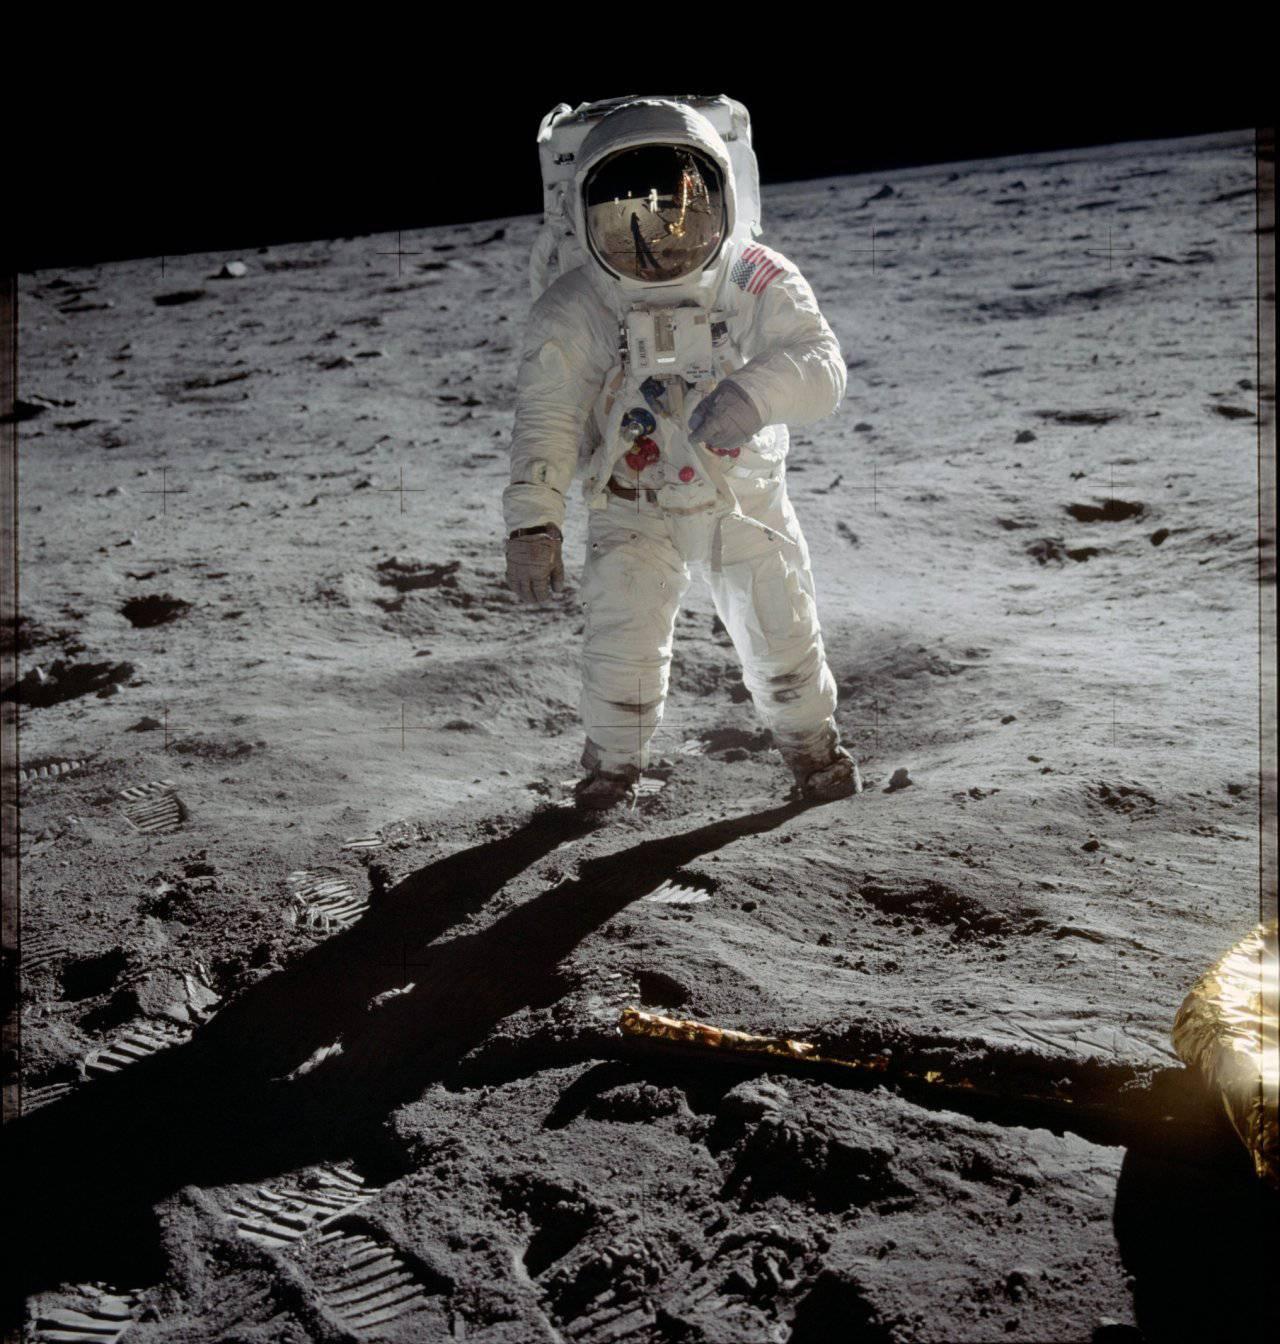 Misja Apollo 11 - lądowanie człowieka na Księżycu 46